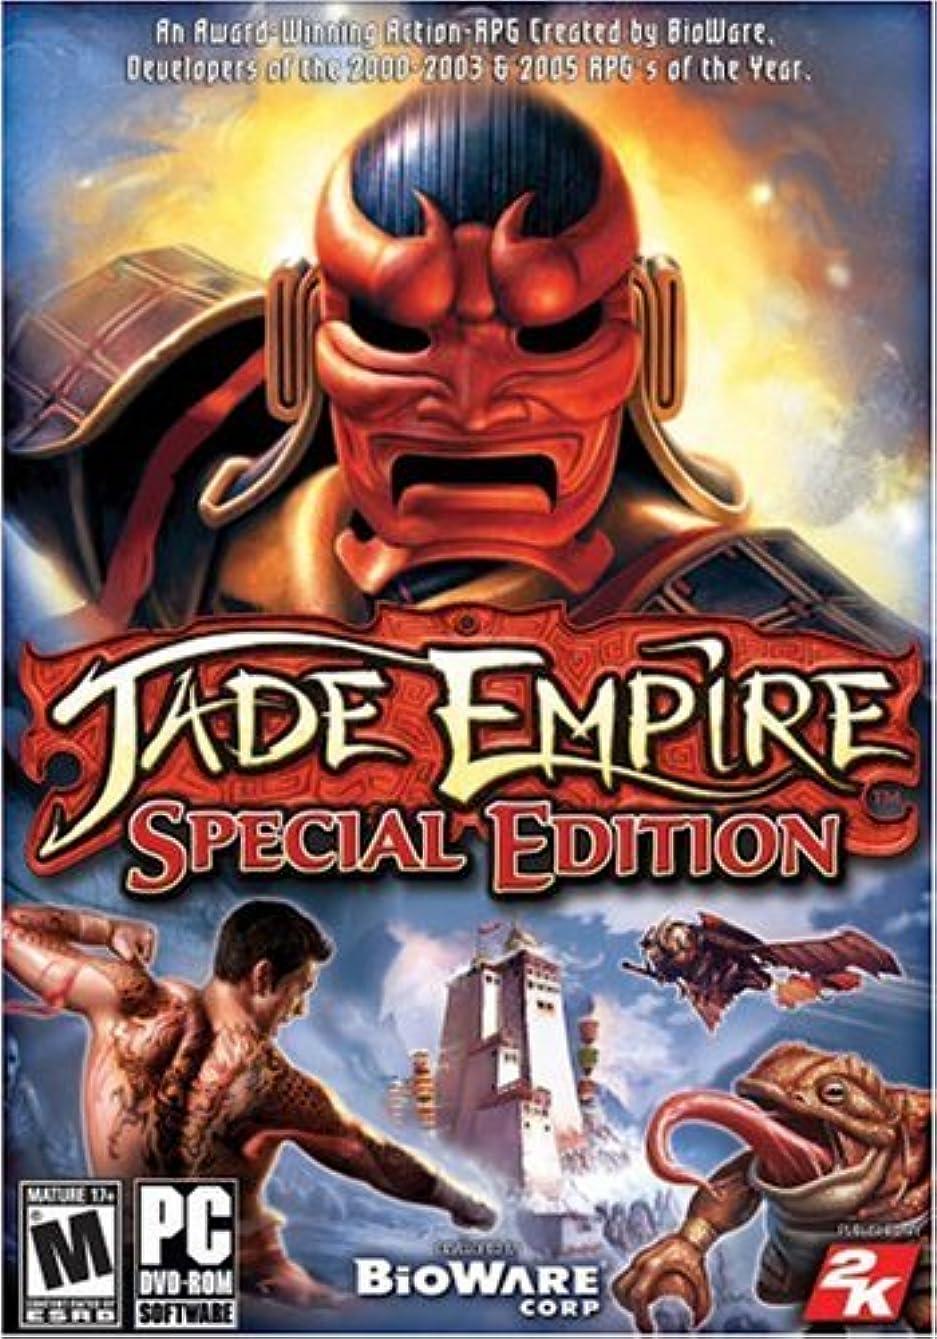 磁石アパルそんなにJade Empire Special Edition (Rhino Demon Exclusive Content) (輸入版)